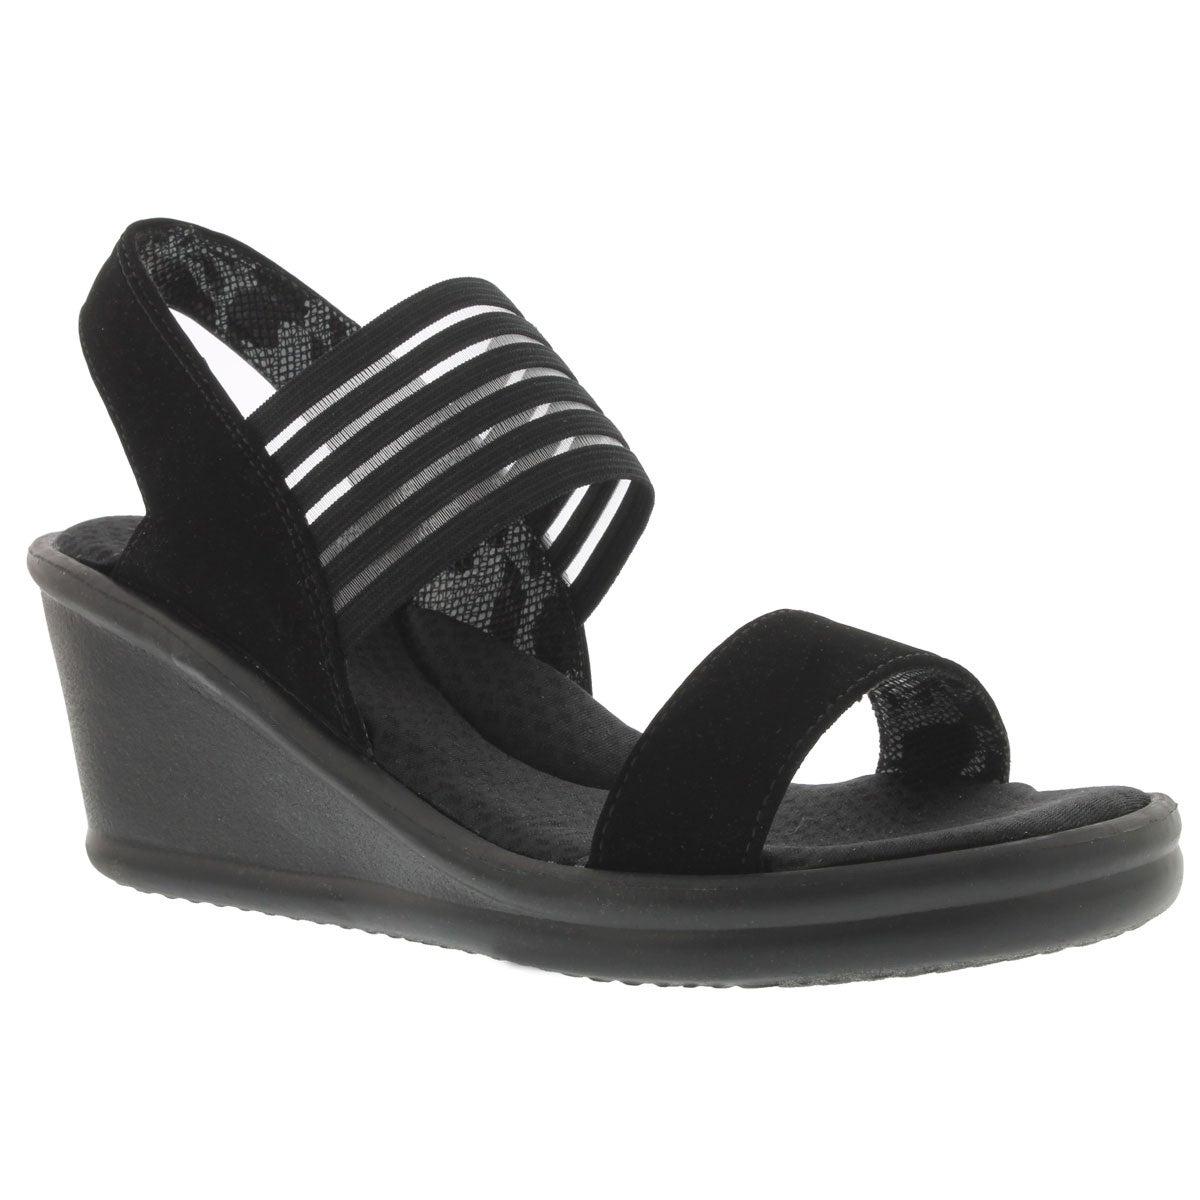 Lds Sci-fi blk sling back wedge sandal